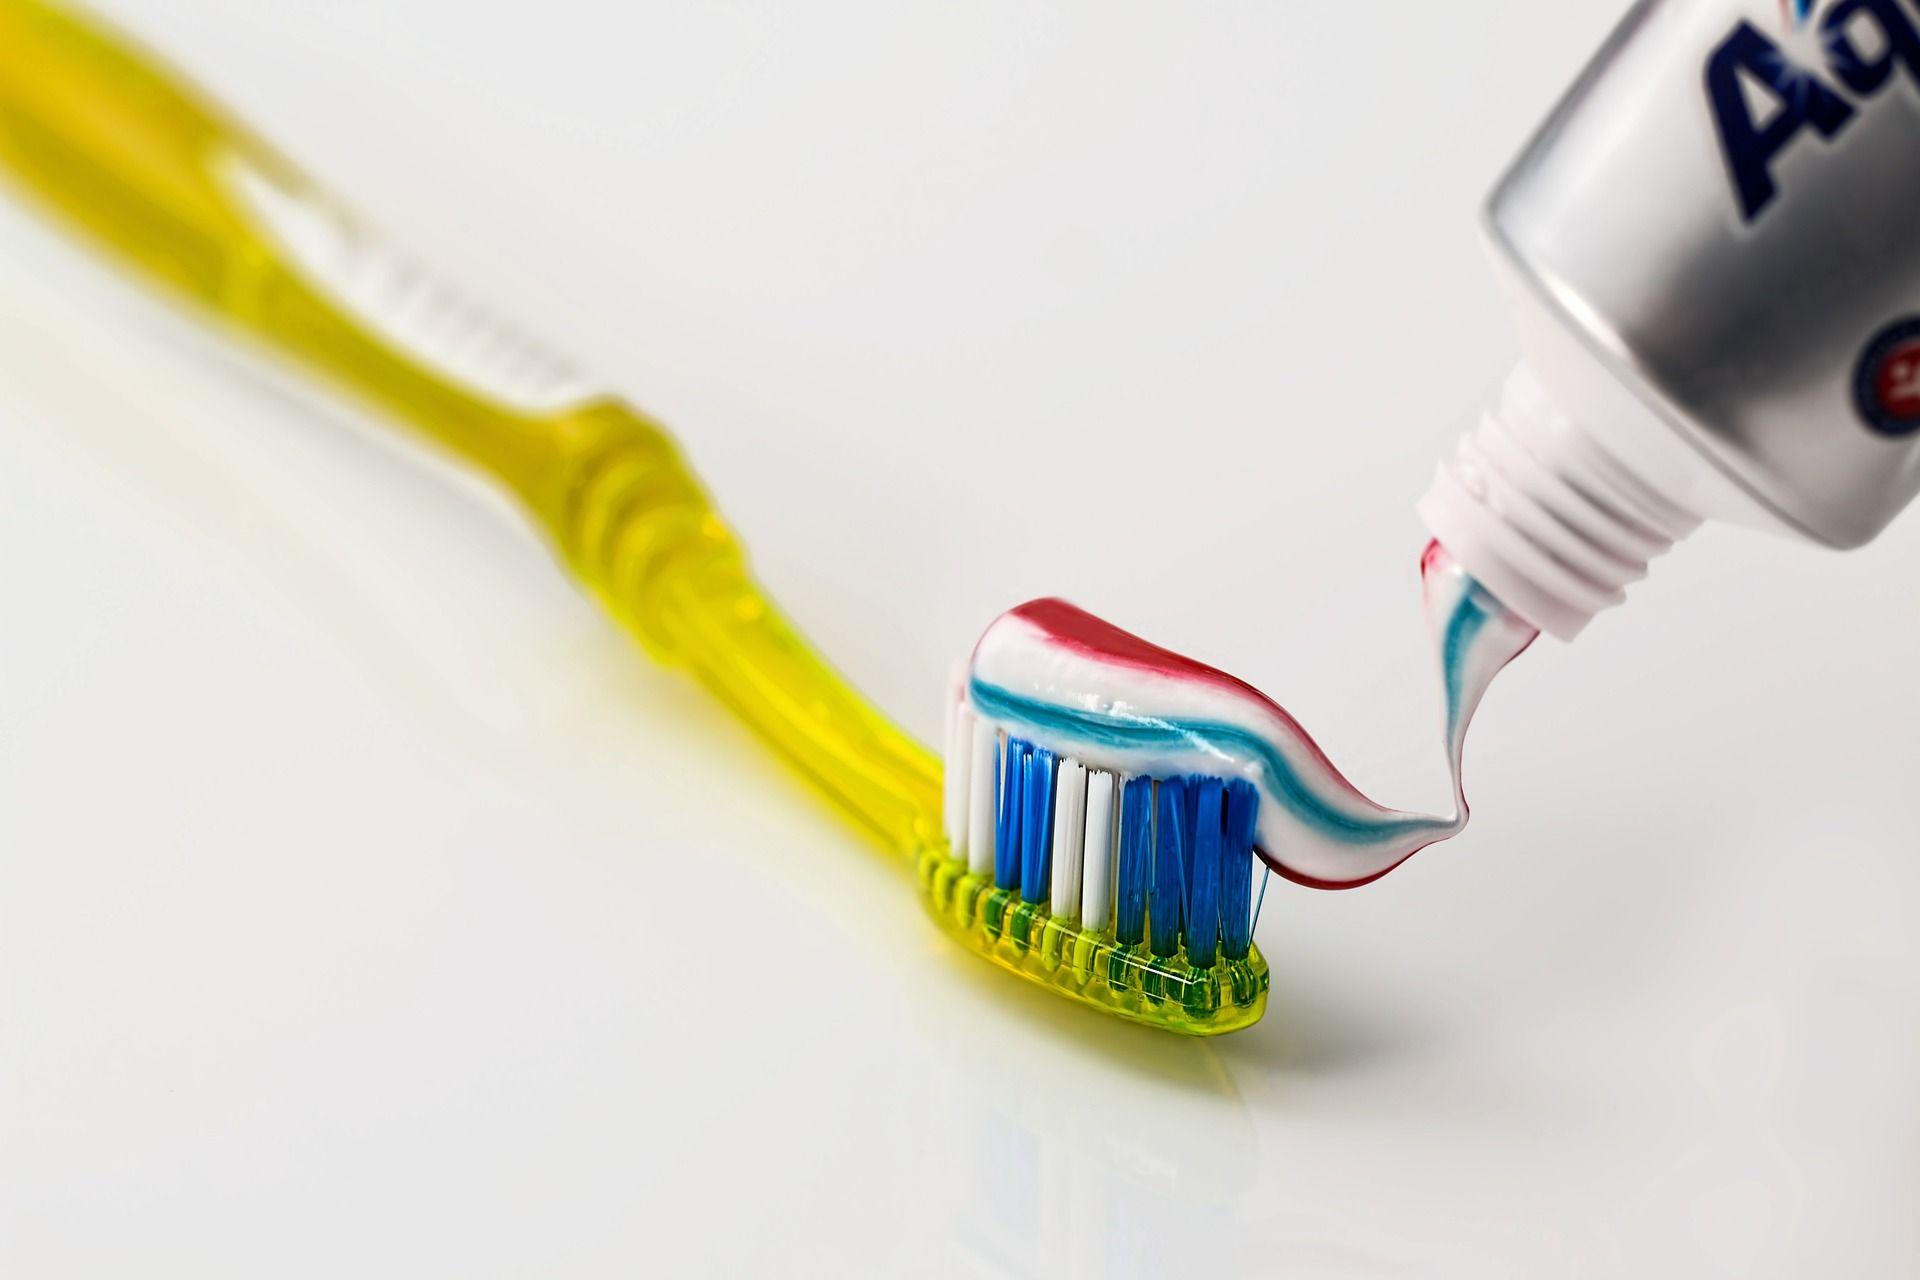 Щетка и зубная паста